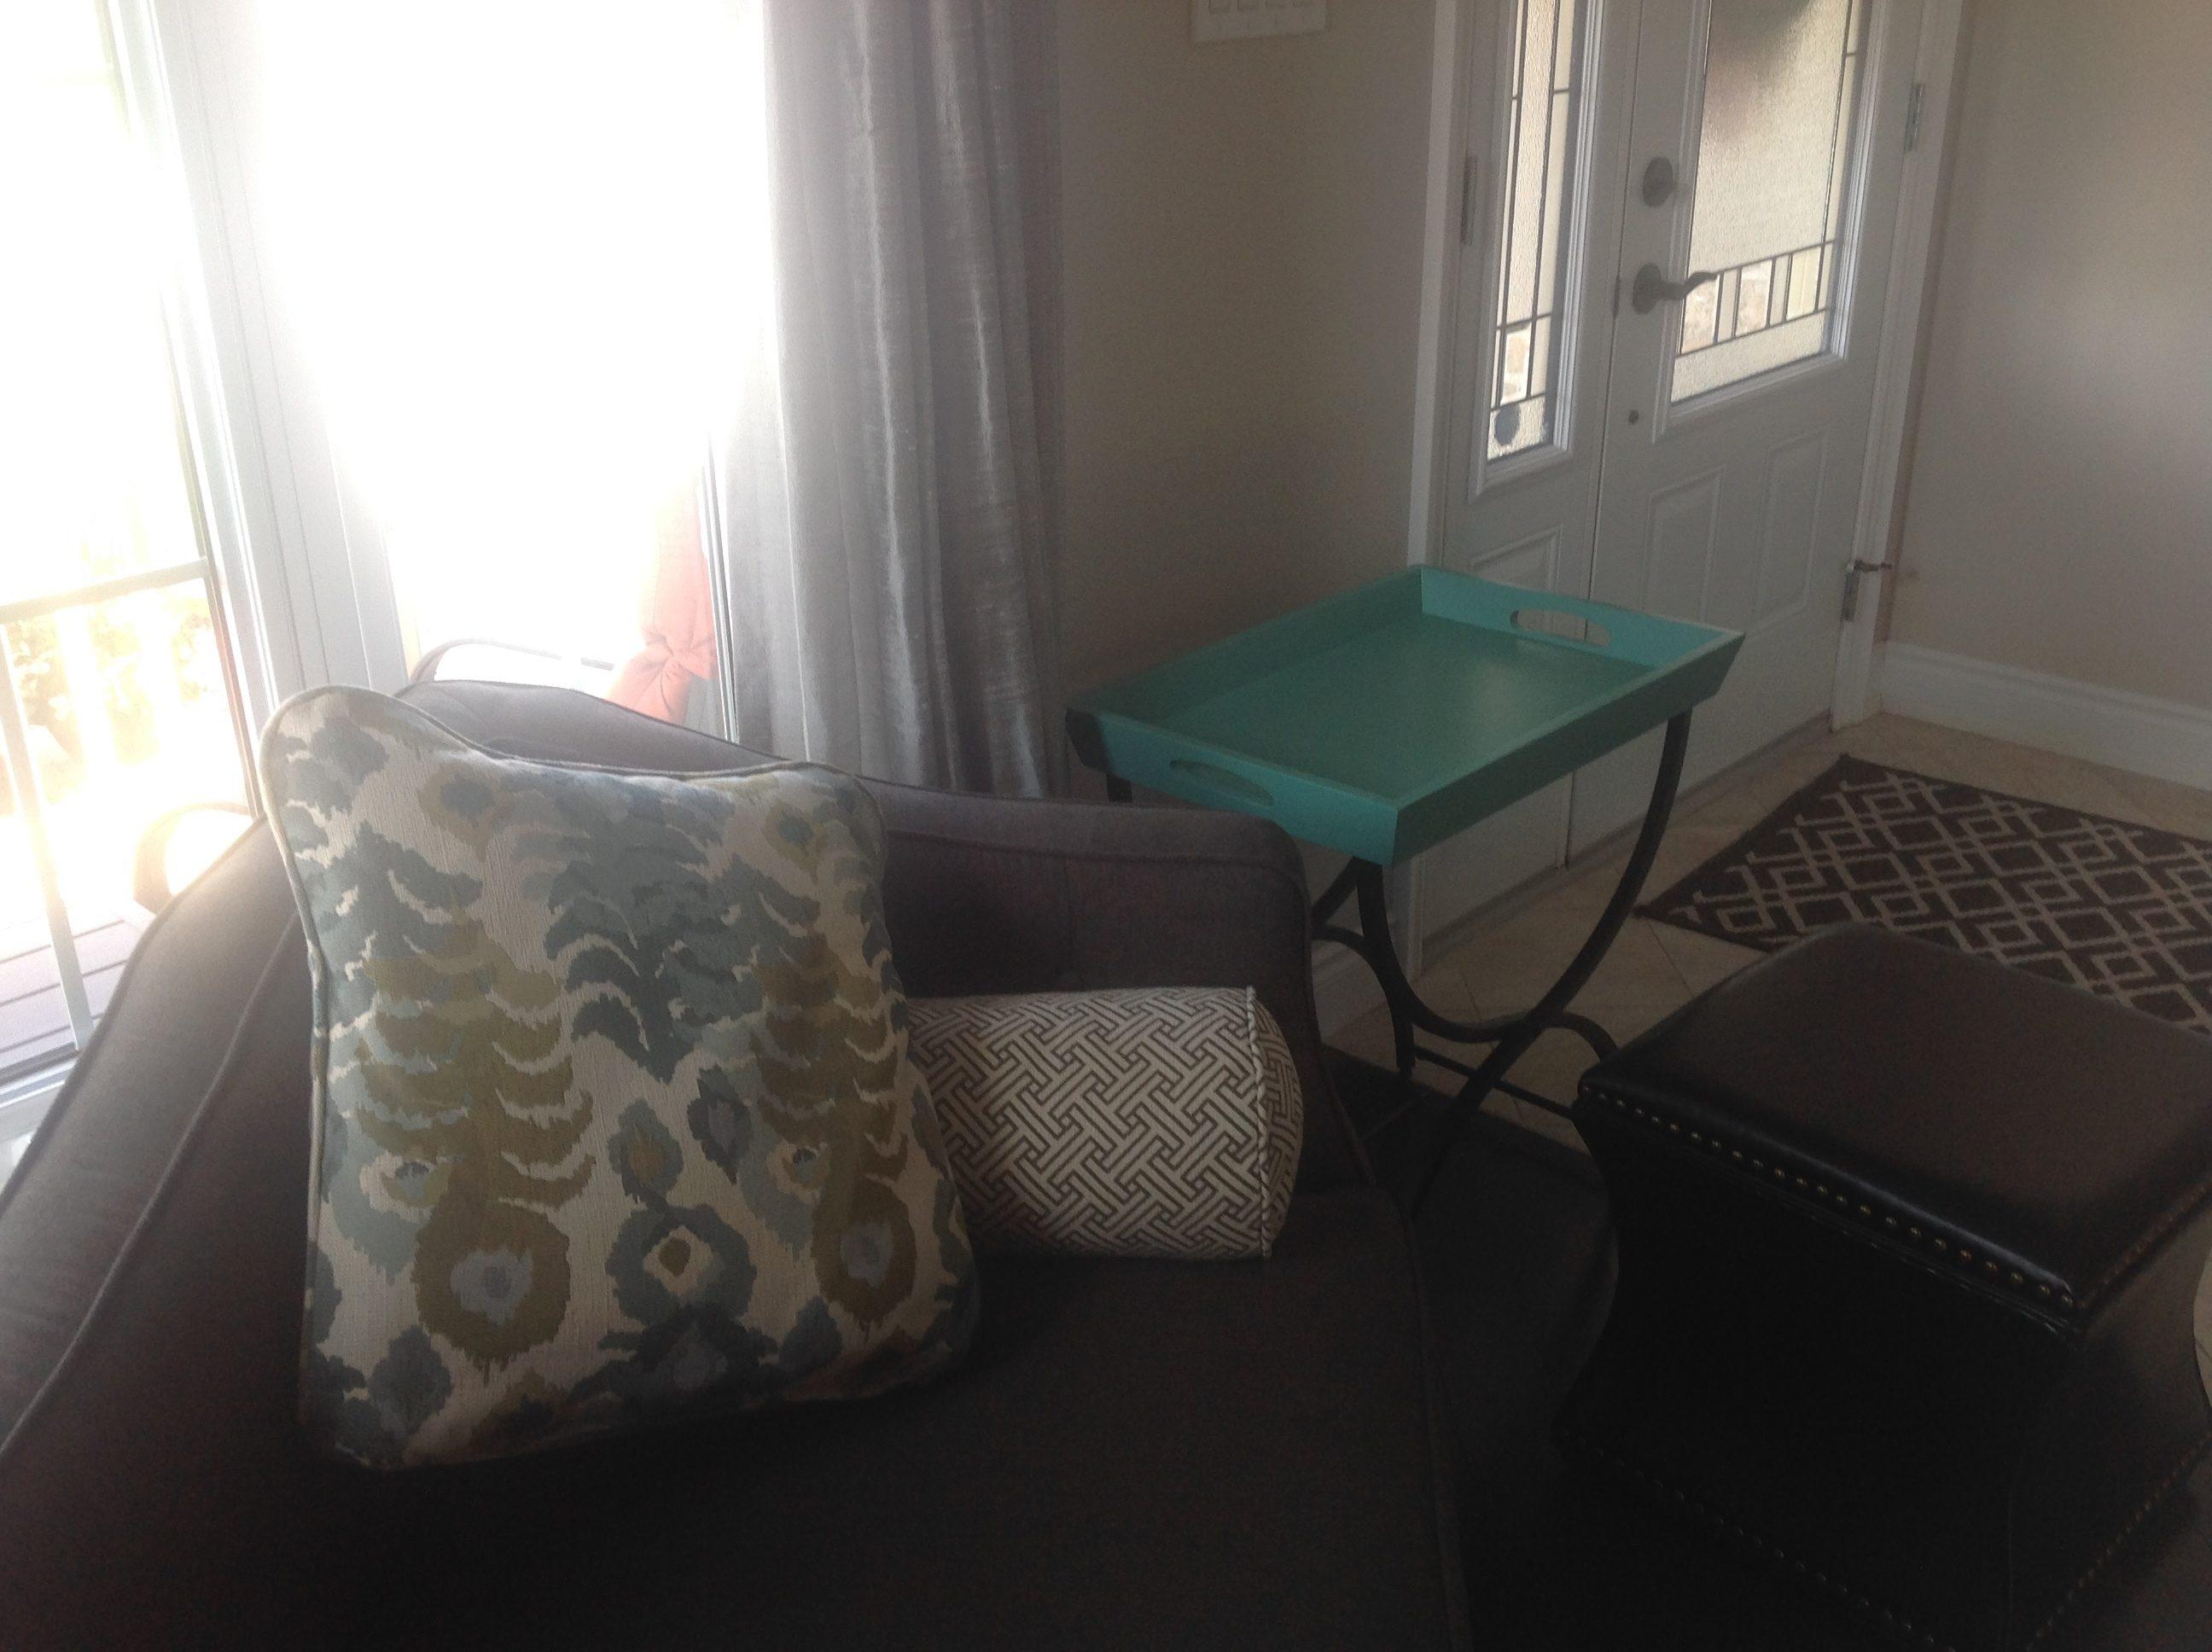 La Z Boy Bedroom Furniture Top 4933 Reviews And Complaints About La Z Boy Furniture